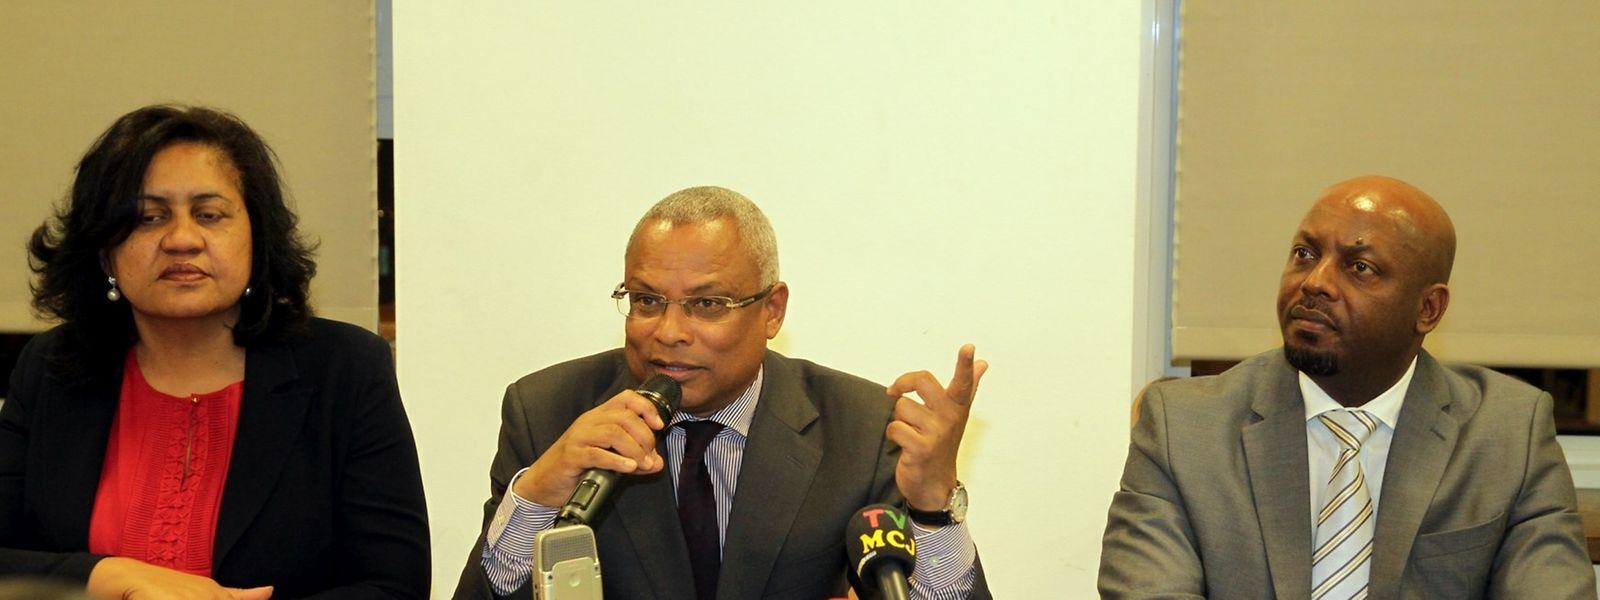 José Maria Neves ladeado pela ministra do Turismo, Investimentos e Desenvolvimento Empresarial, Leonesa Fortes, e pelo embaixador Carlos Semedo